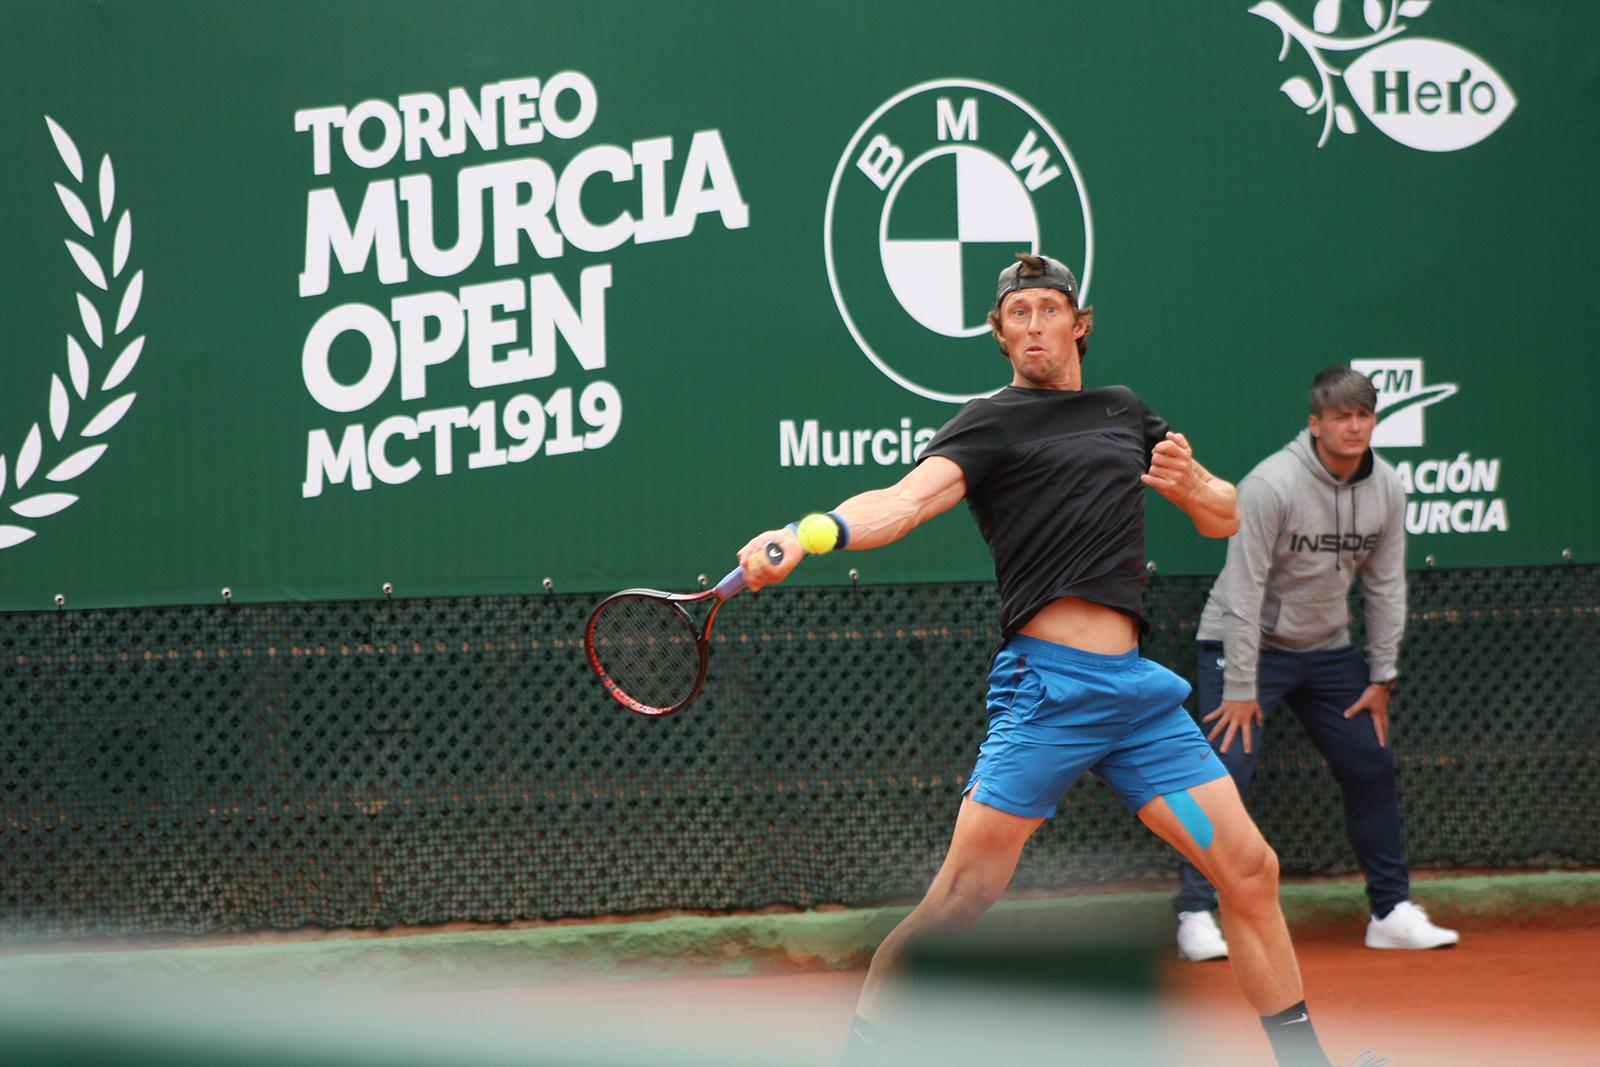 Un jugador golpea la pelota en las instalaciones del Murcia Club de Tenis (Foto: Andrés Molina)